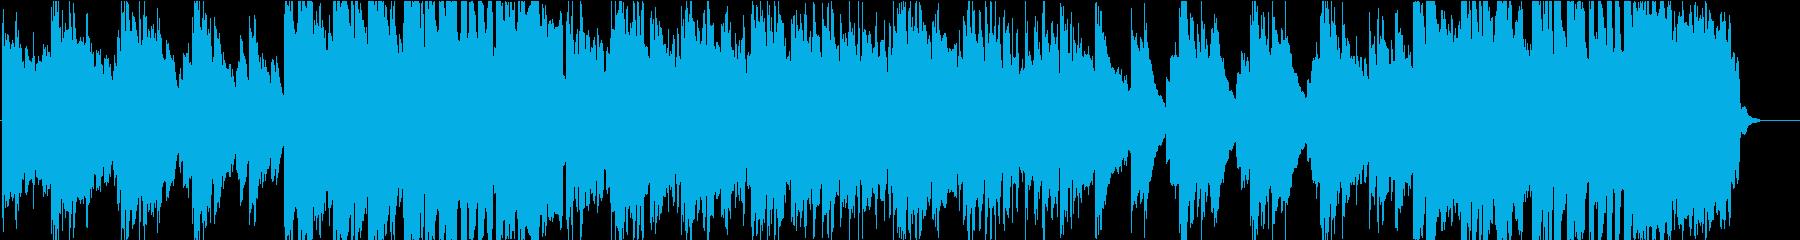 壮大で爽やかな感動的フューチャーポップの再生済みの波形